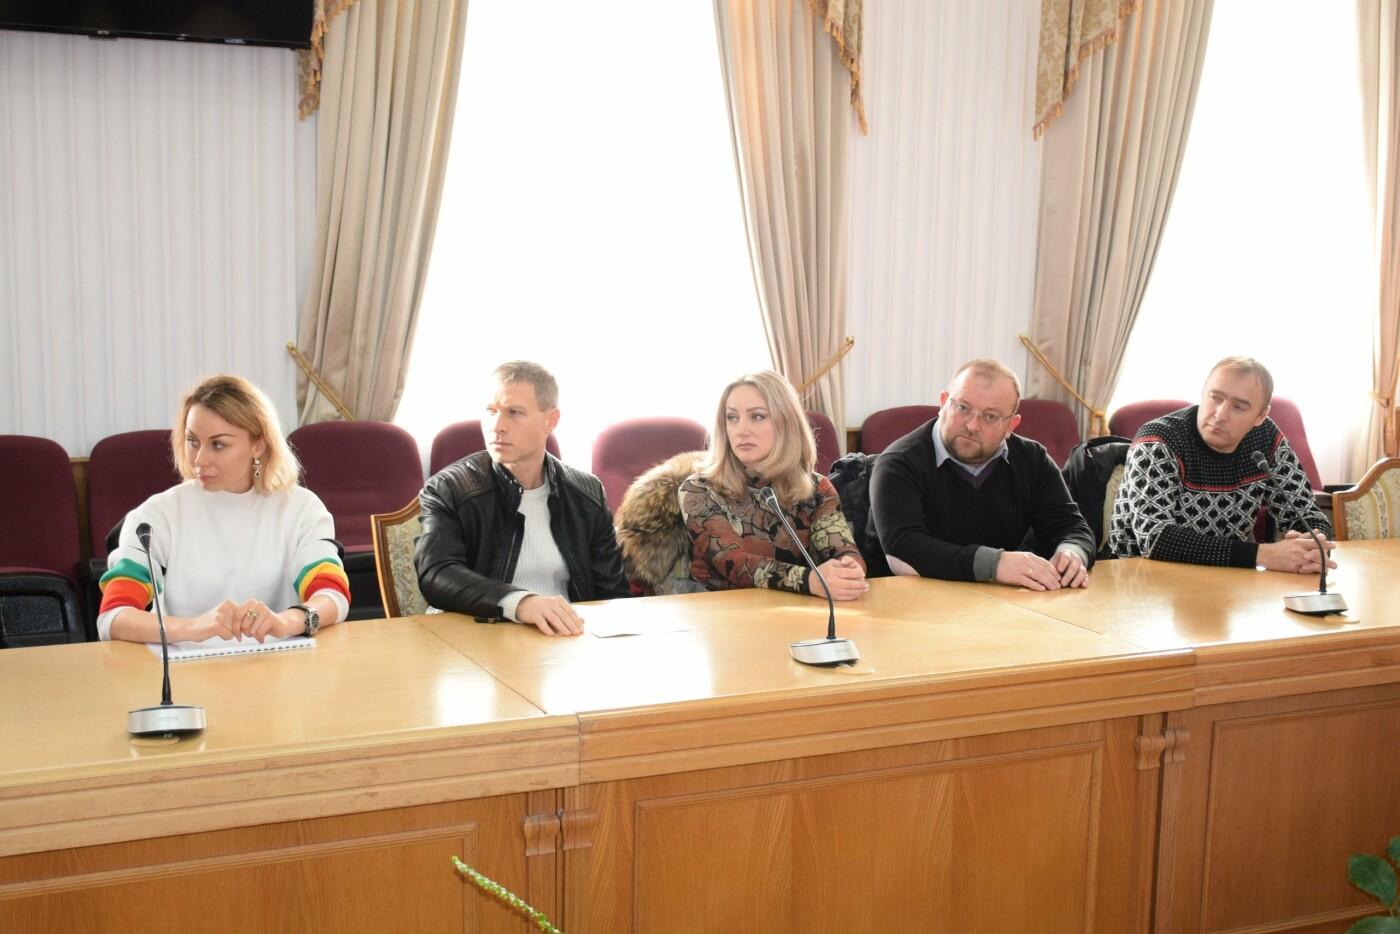 Алексей Челпанов провел рабочее совещание с предпринимателями Ялты на тему благоустройства города, - главное , фото-1